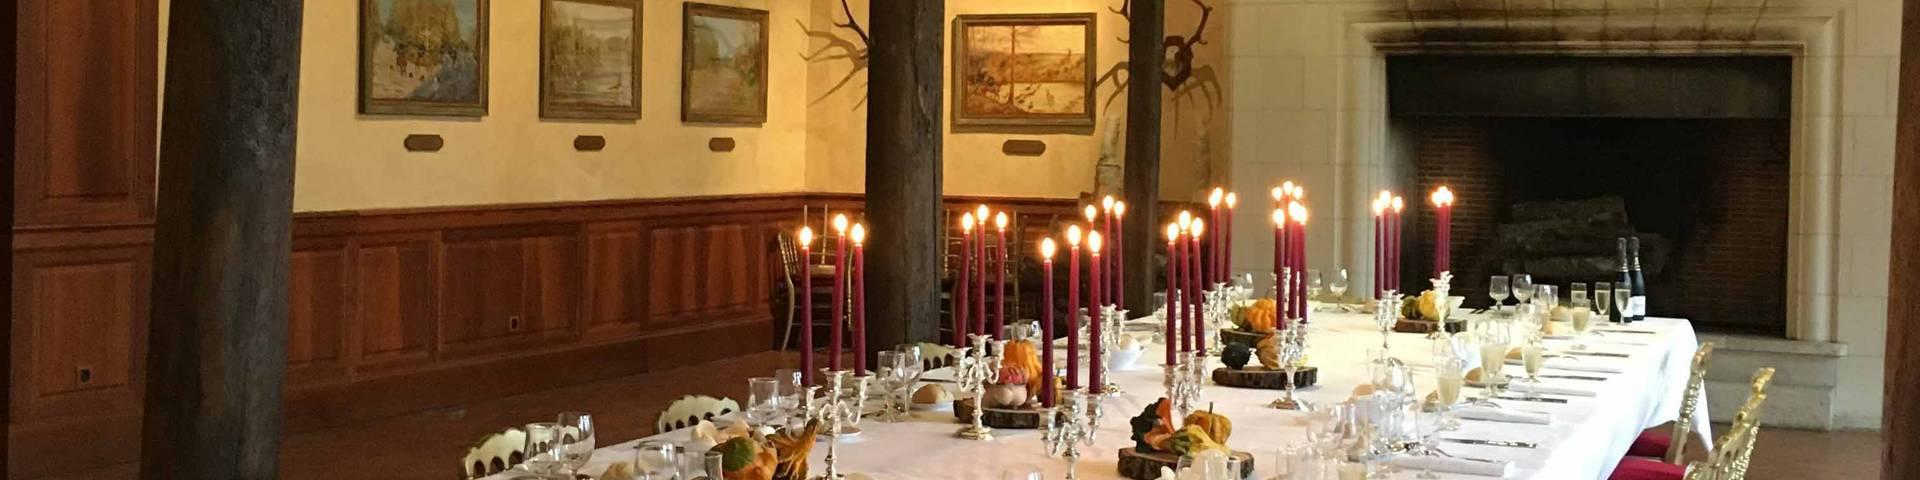 dîner au château de Cheverny